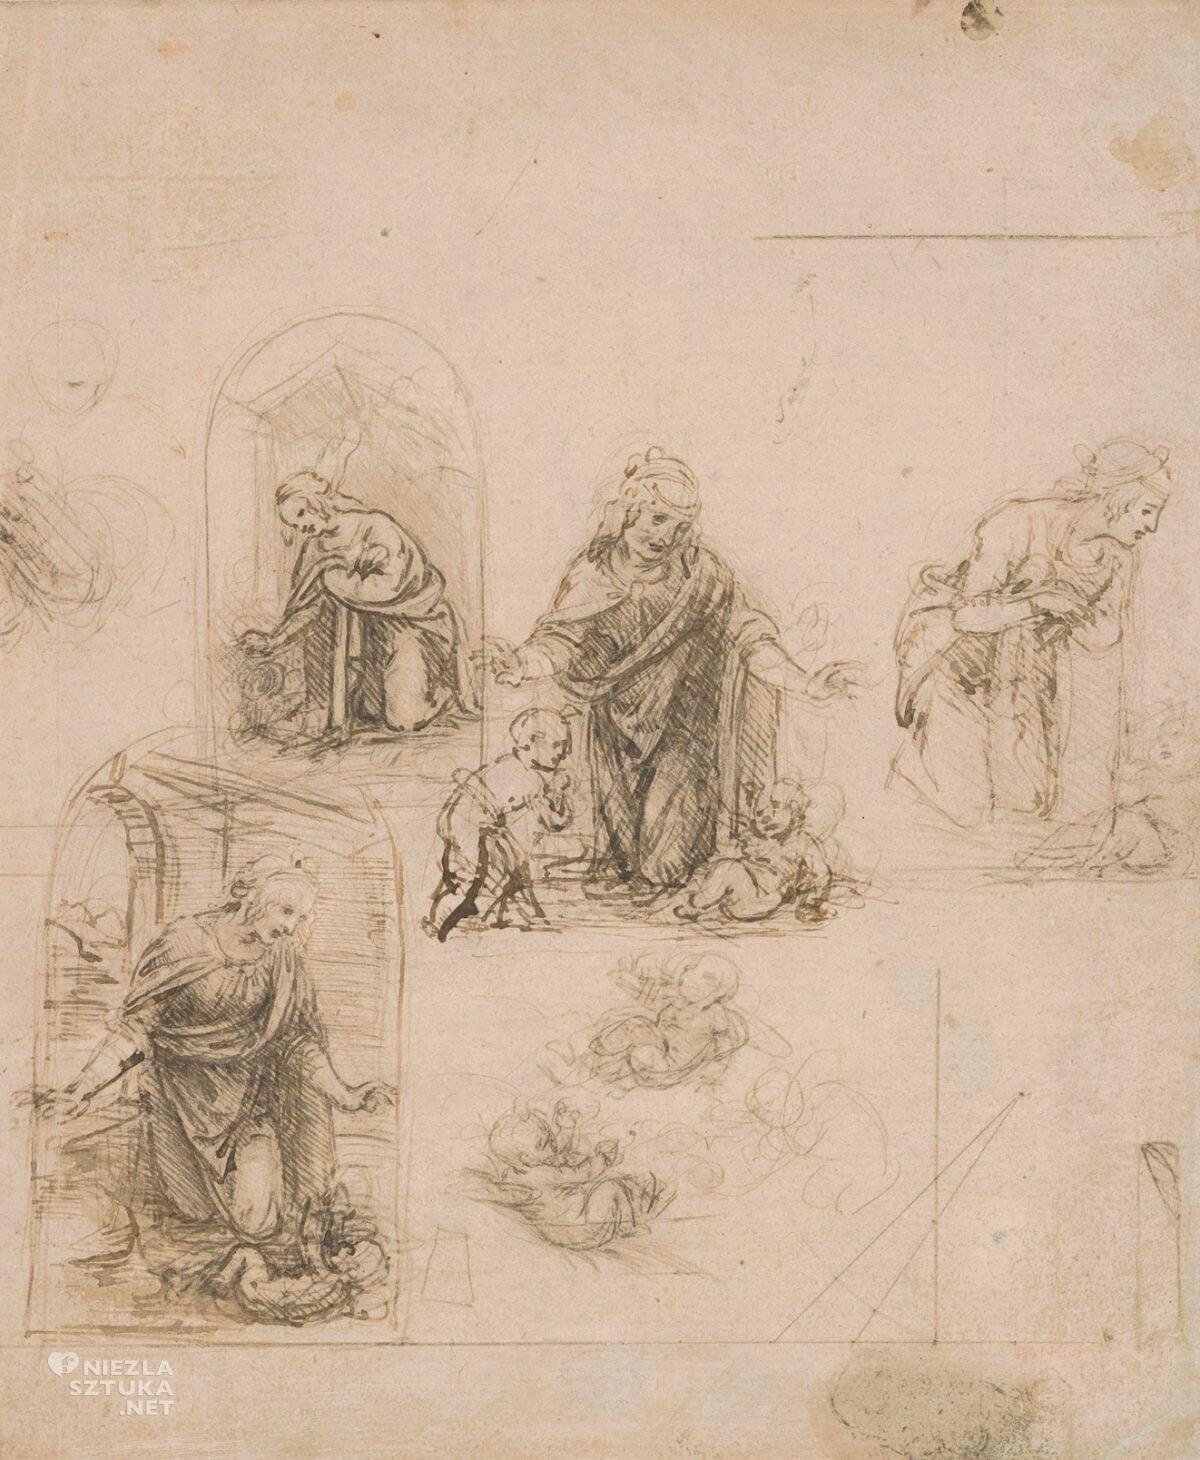 Leonardo da Vinci, studium, sztuka włoska, Madonna wśród skał, Niezła sztuka